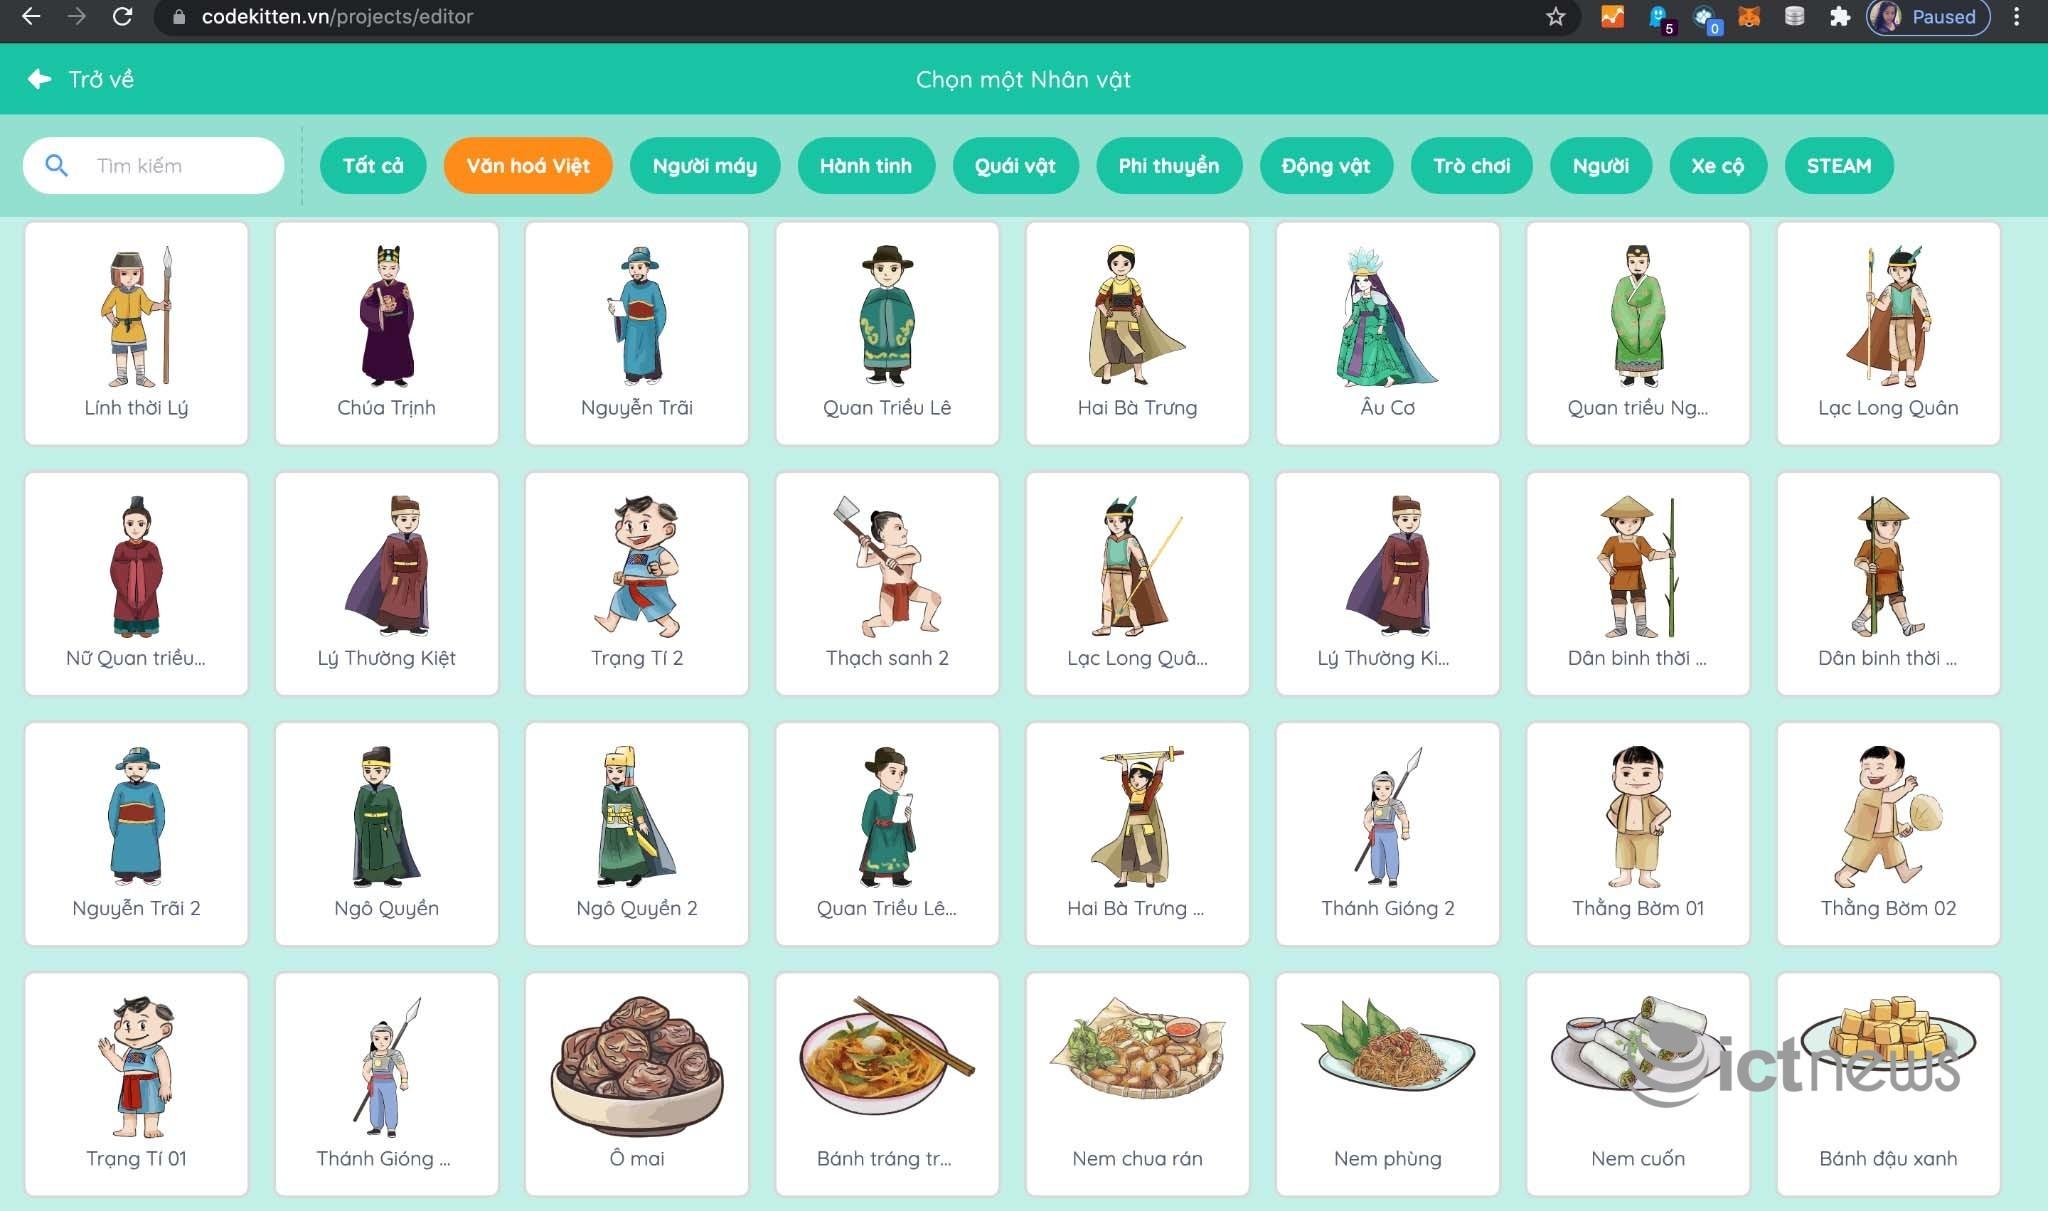 Nền tảng học lập trình và STEM miễn phí dành riêng cho trẻ em Việt Nam